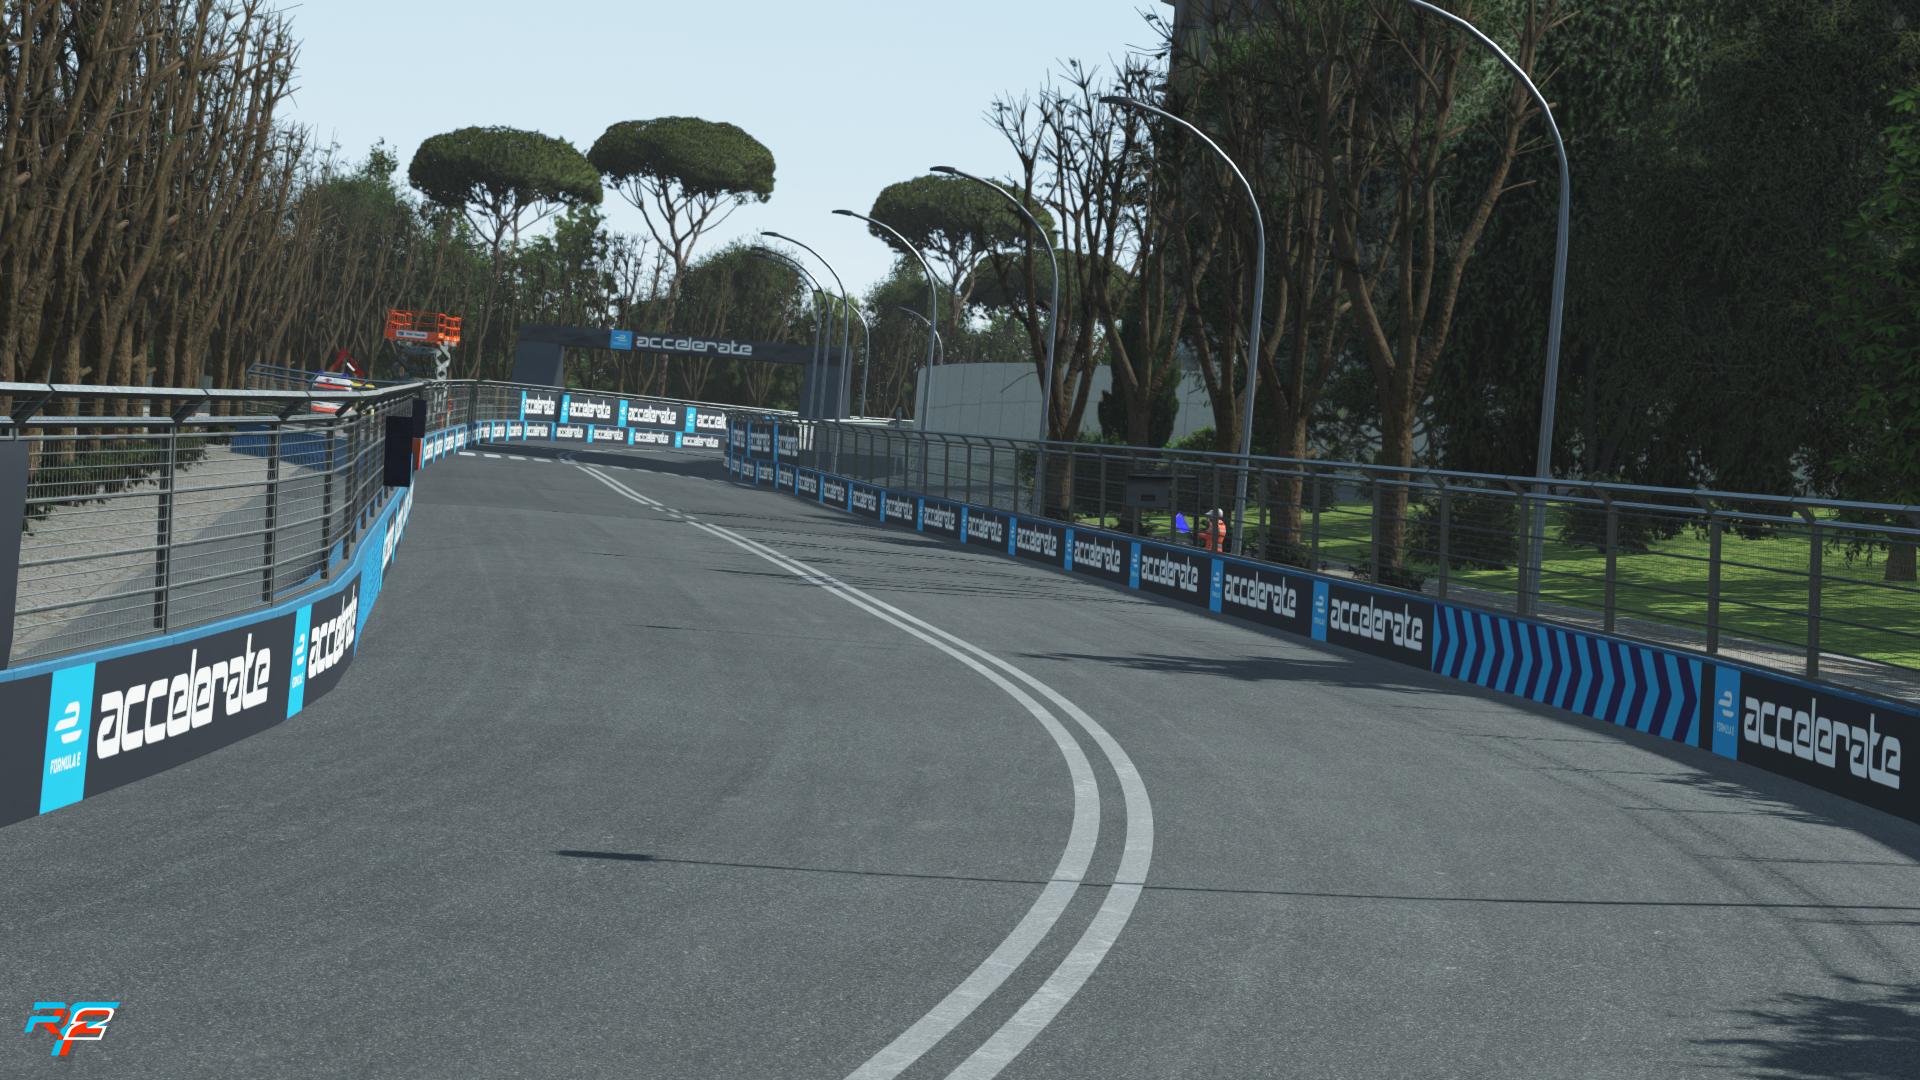 rome_2020_screen_07.jpg